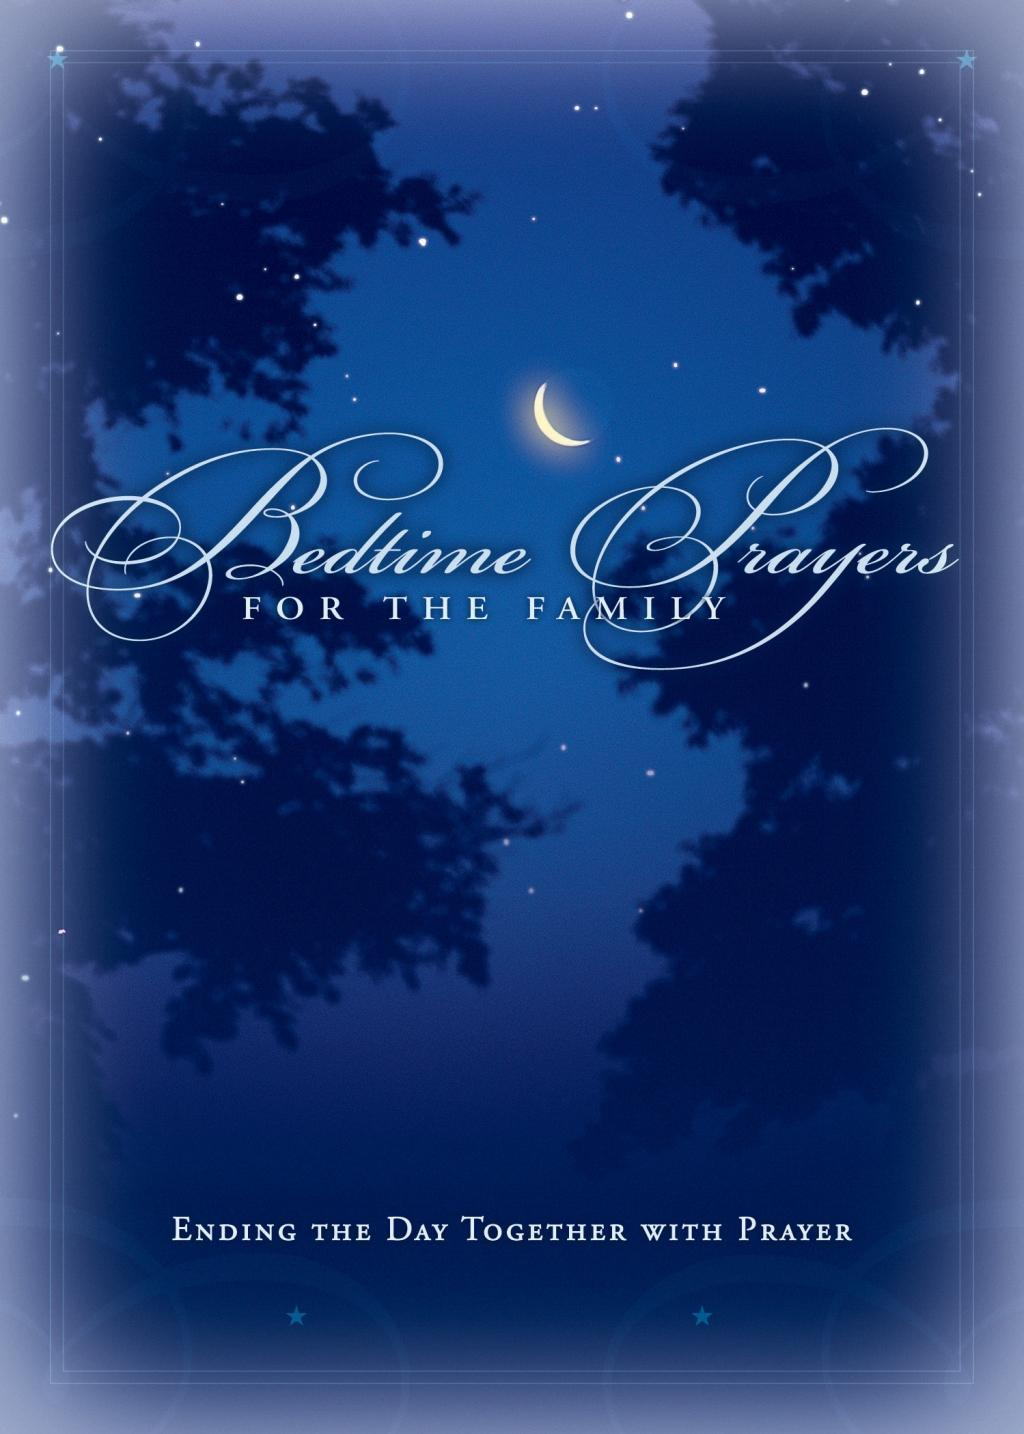 Bedtime Prayers for the Family